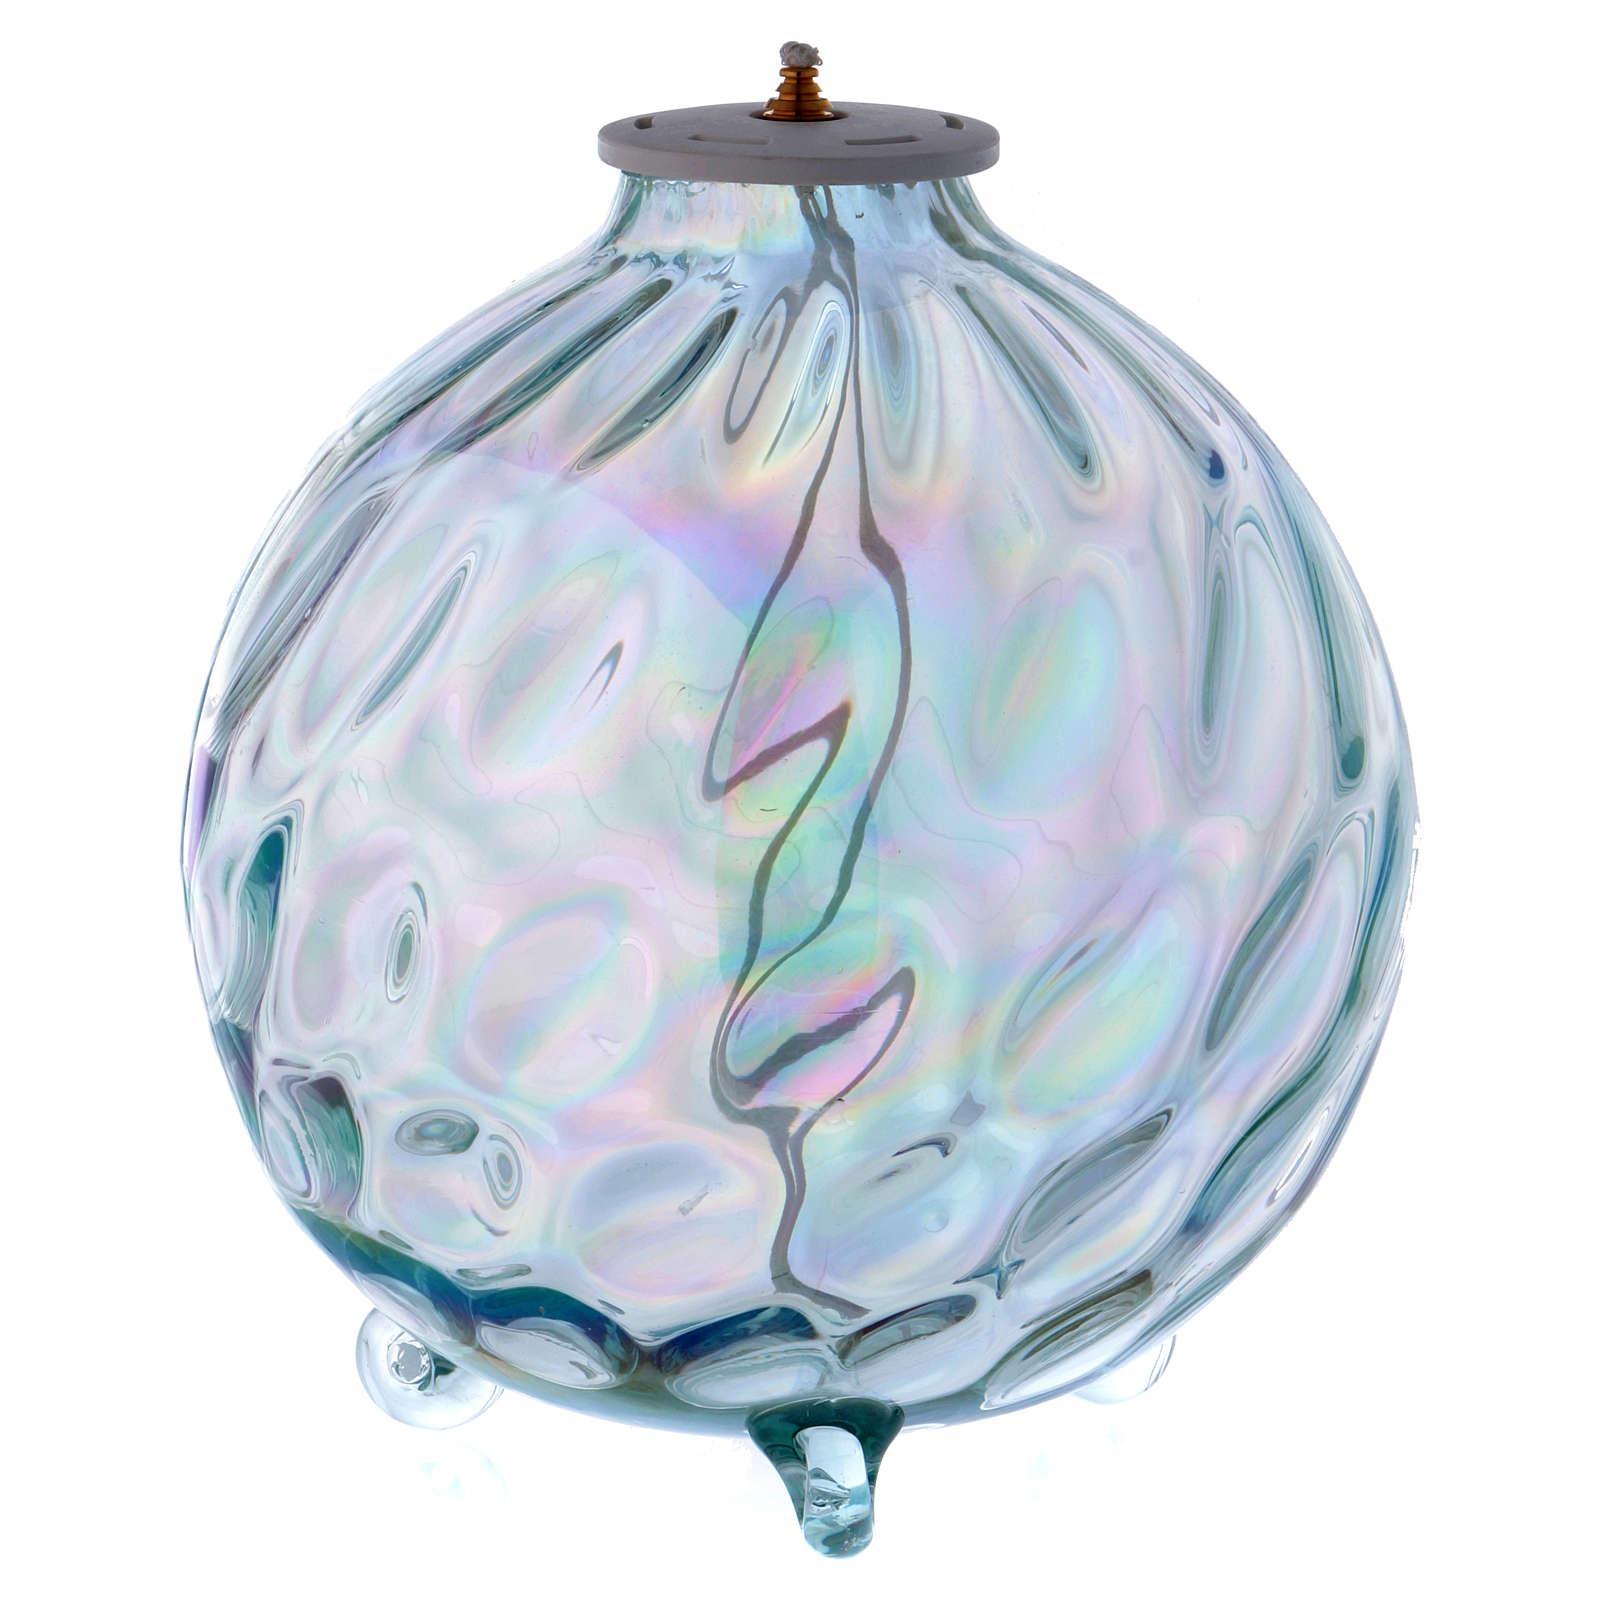 Lámpara esférica parafina vidrio texturado 3